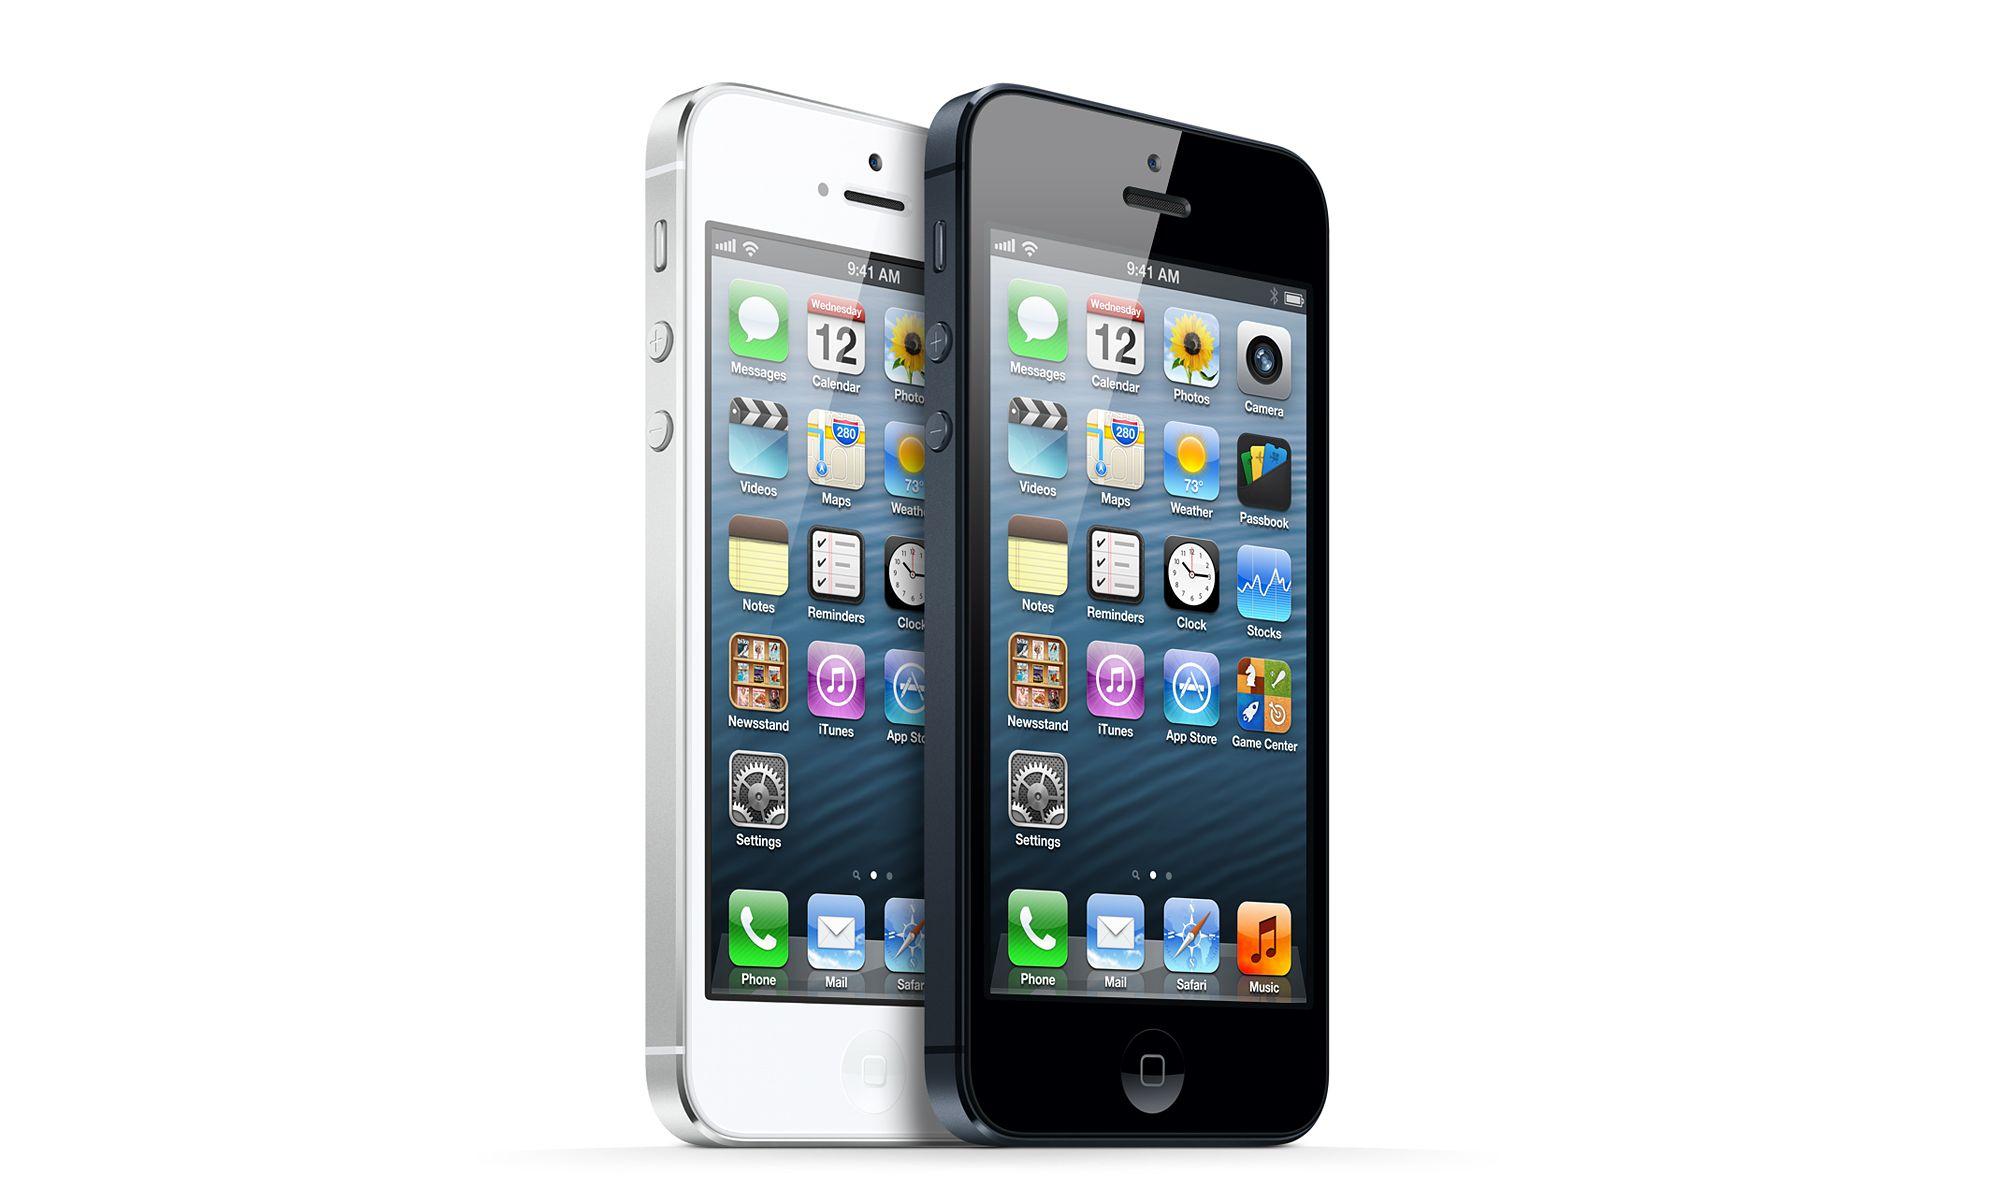 Apple recupera posizioni sul mercato cinese grazie all'iPhone 5